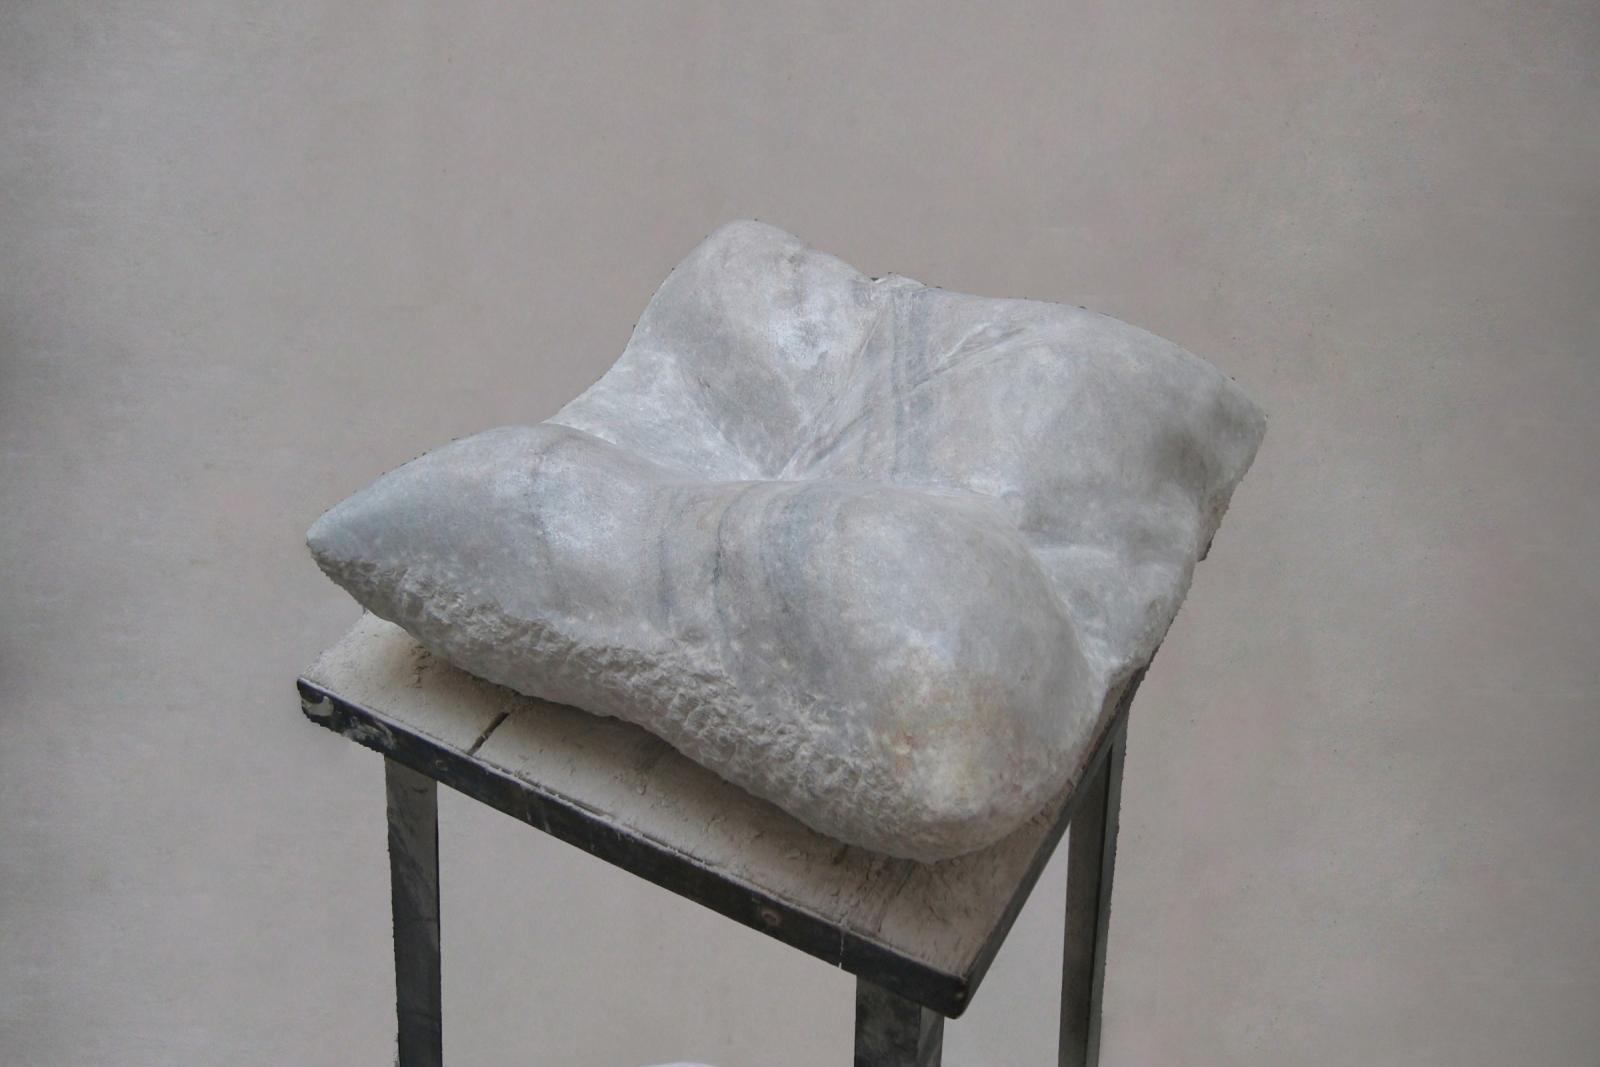 Pillow, 2005, 50 cm x 80 cm x 25 cm, Marble